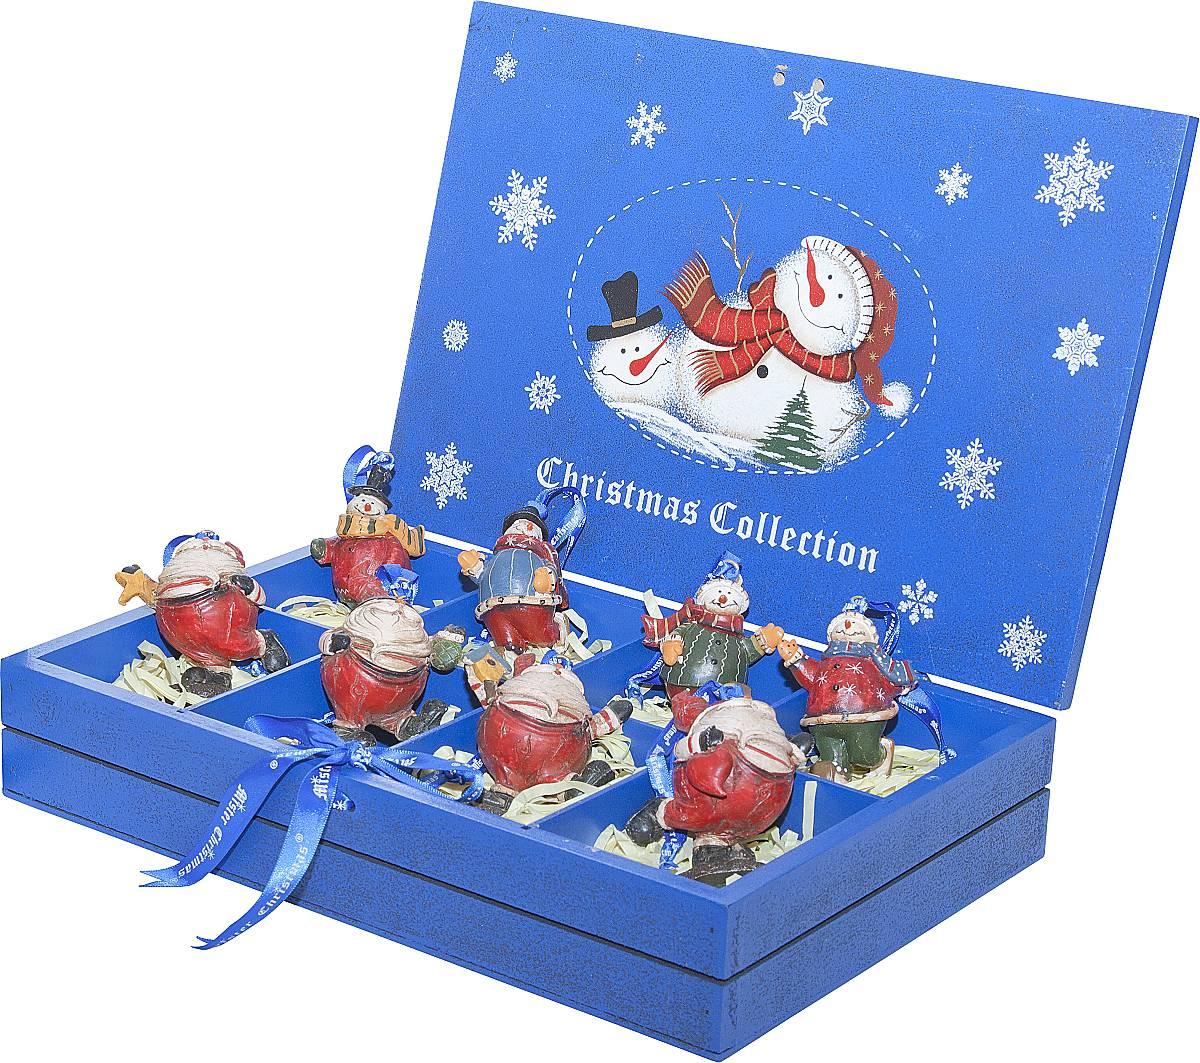 Набор новогодних подвесных украшений Mister Christmas, длина 8,5 см, 8 штLH-F3-SET/8Набор подвесных украшений Mister Christmas поможетстильно украсить новогоднюю елку. Изделия,выполненные из полистоуна в виде любимых нами ДедаМороза и снеговика, не оставят равнодушным никого, ктопридет в ваш дом. Такие украшения не боятся падения,света или влаги и несмотря на размер достаточнолегкие. Игрушки оснащены петелькой дляподвешивания.Набор упакован в коробку из натуральной древесины,выкрашенную в насыщенный голубой цвет и украшеннуюрисунком.Такие украшения станут превосходным подарком кНовому году, а так же дополнят коллекцию оригинальныхновогодних елочных игрушек.